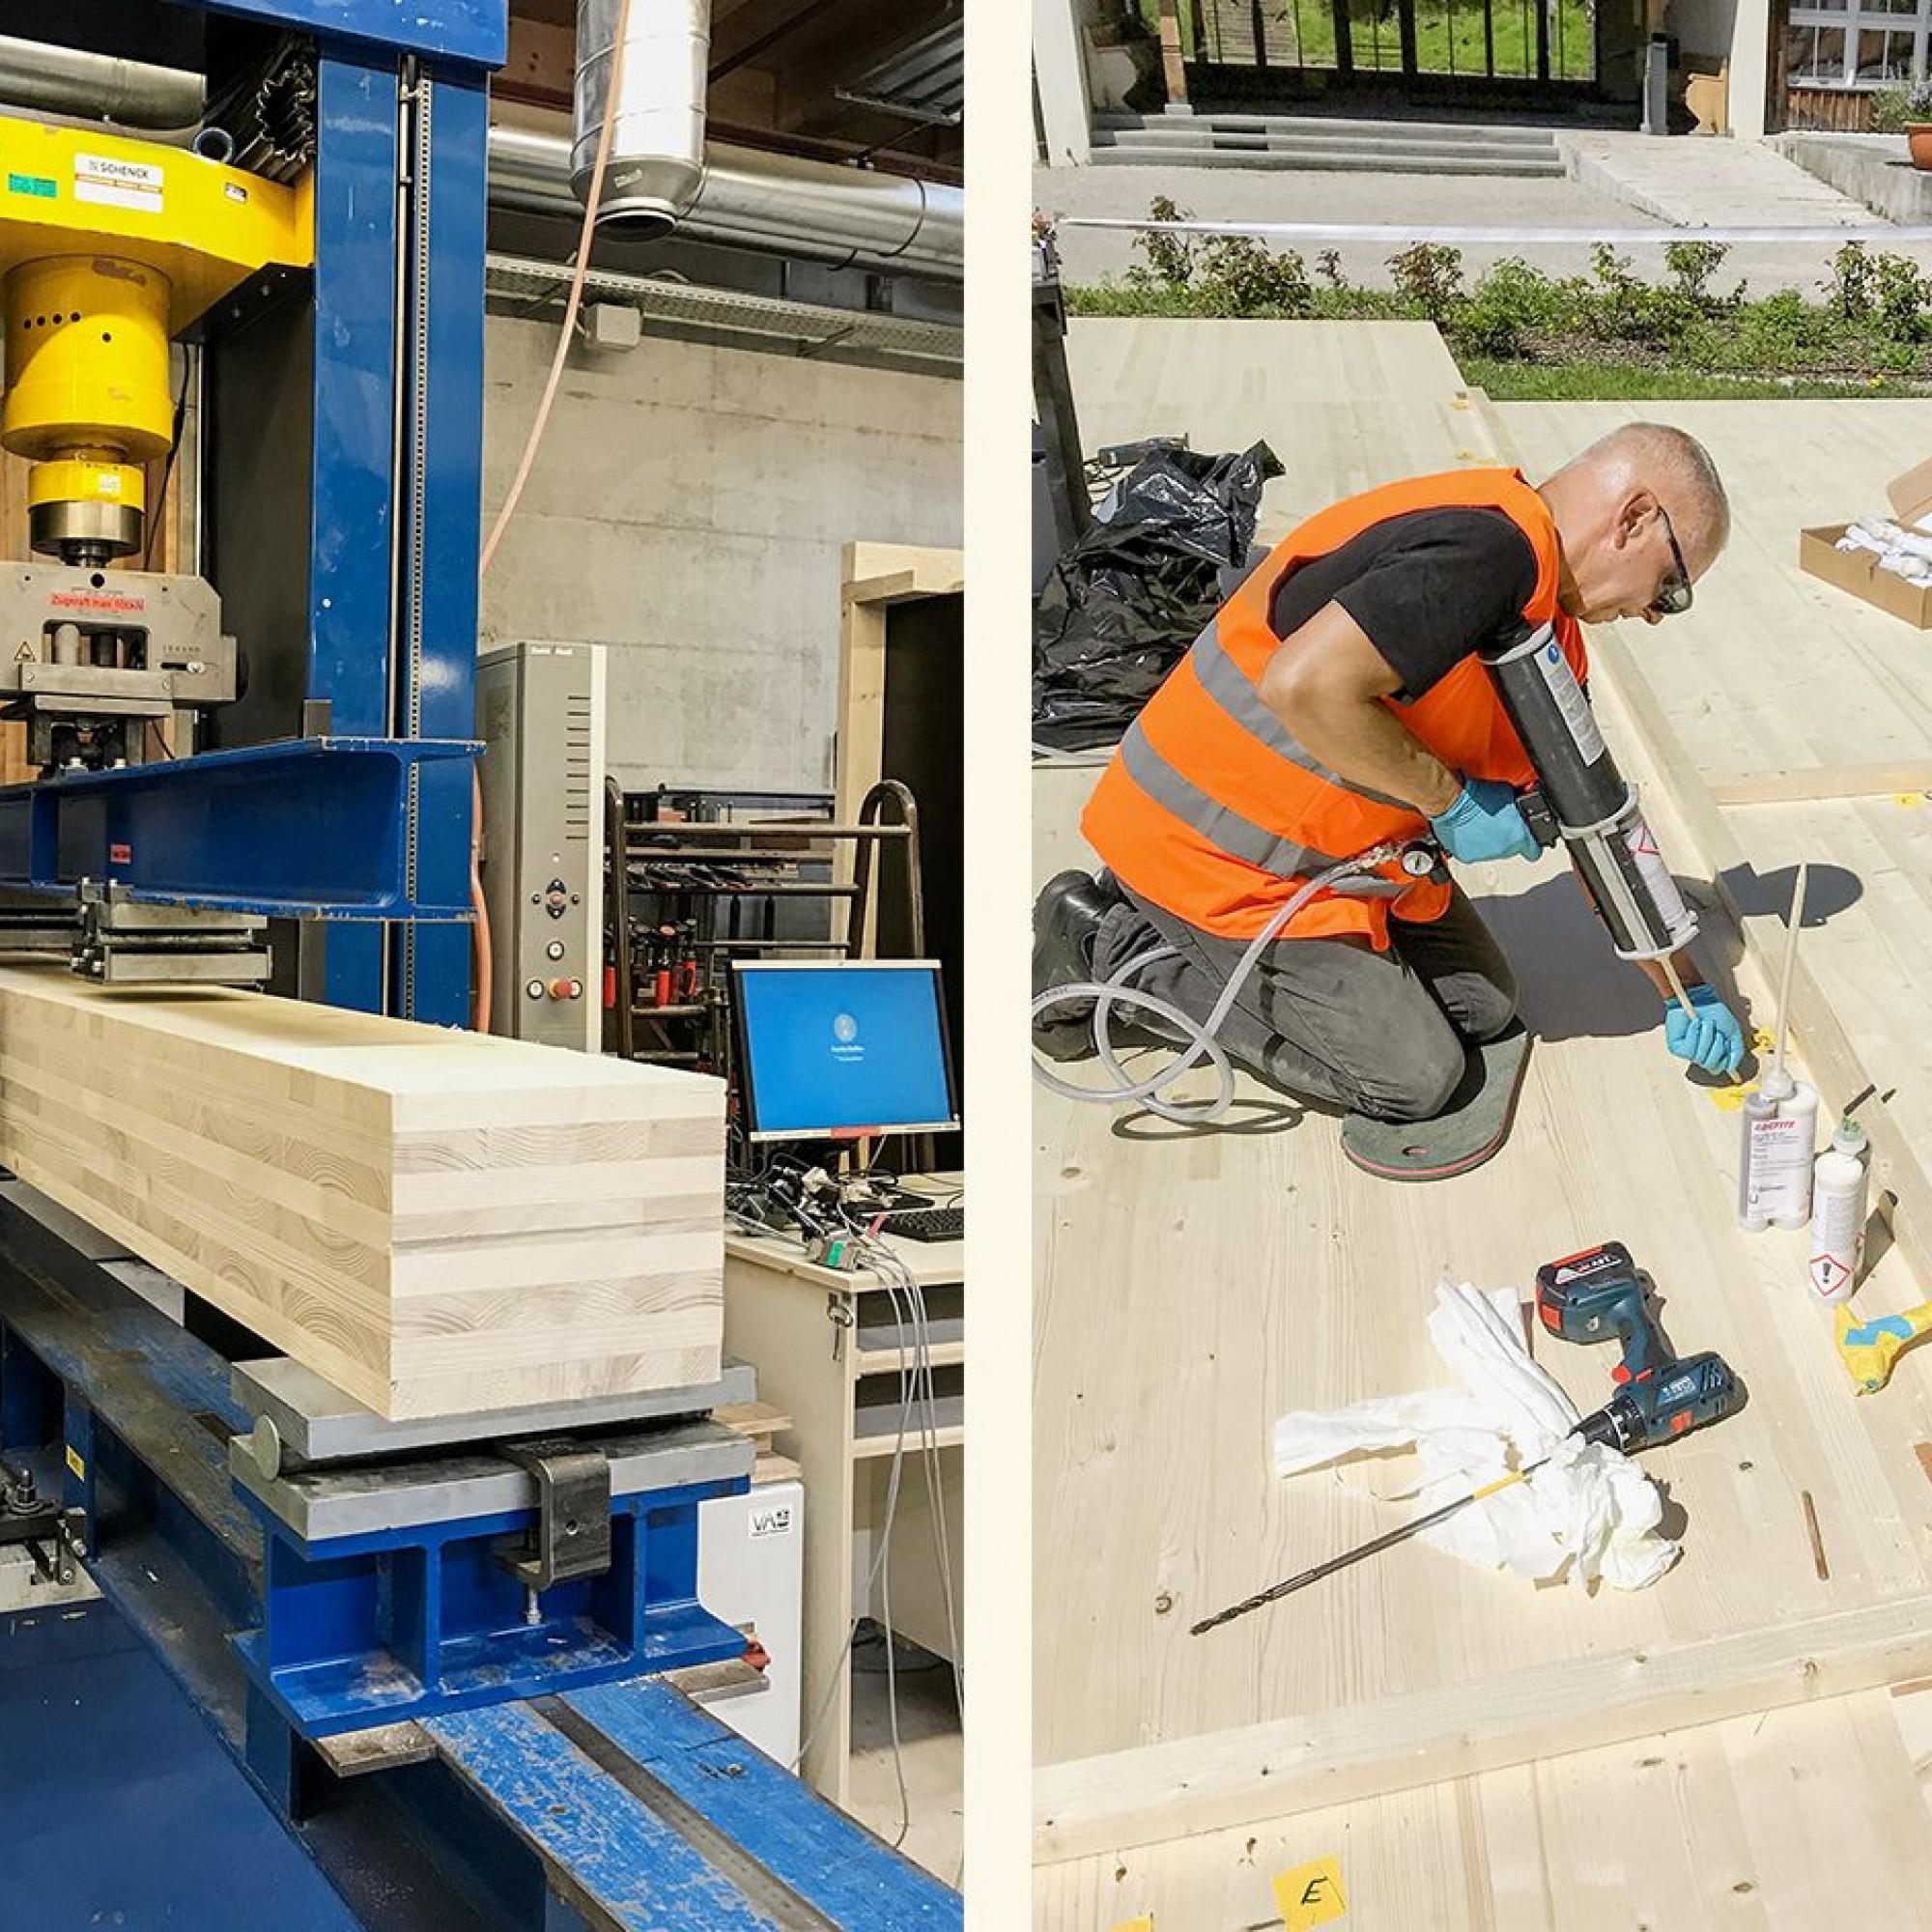 Biegeprüfung der Fuge der angeklebten Balkonplatte anhand eines 20 Zentimeter breiten Streifens (links). Verguss der abgedichteten Fuge der Deckenplatten (rechts).